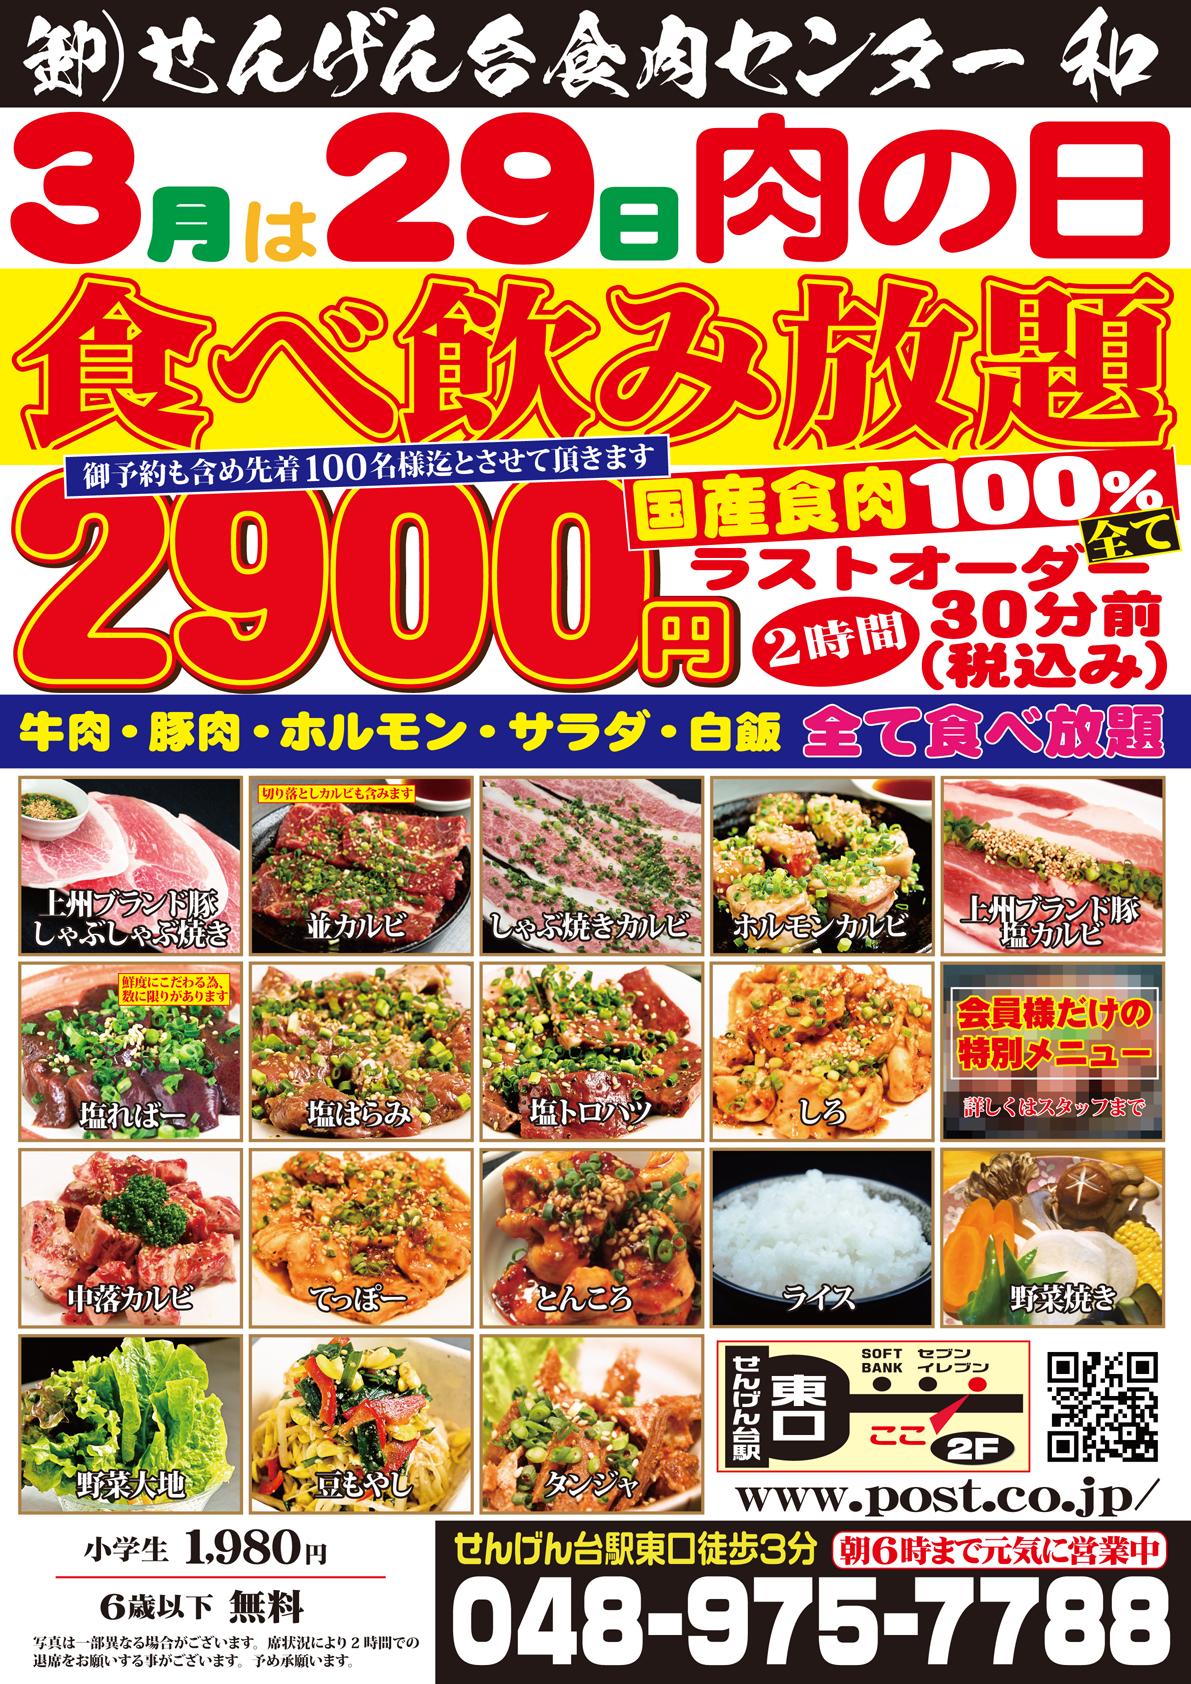 肉の日イベント_3月29日.jpg